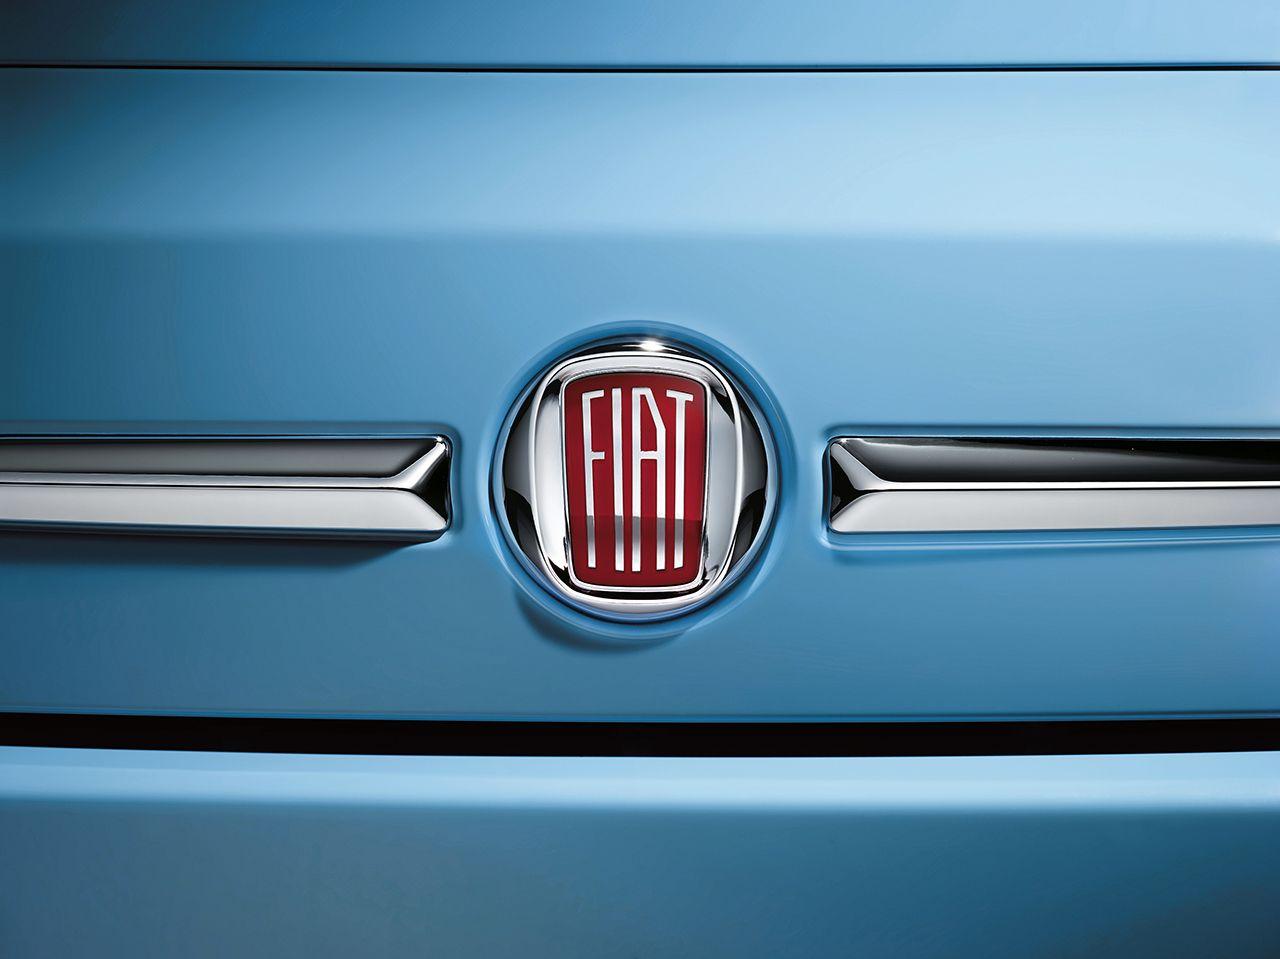 Il 4 luglio arriva la nuova Fiat 500